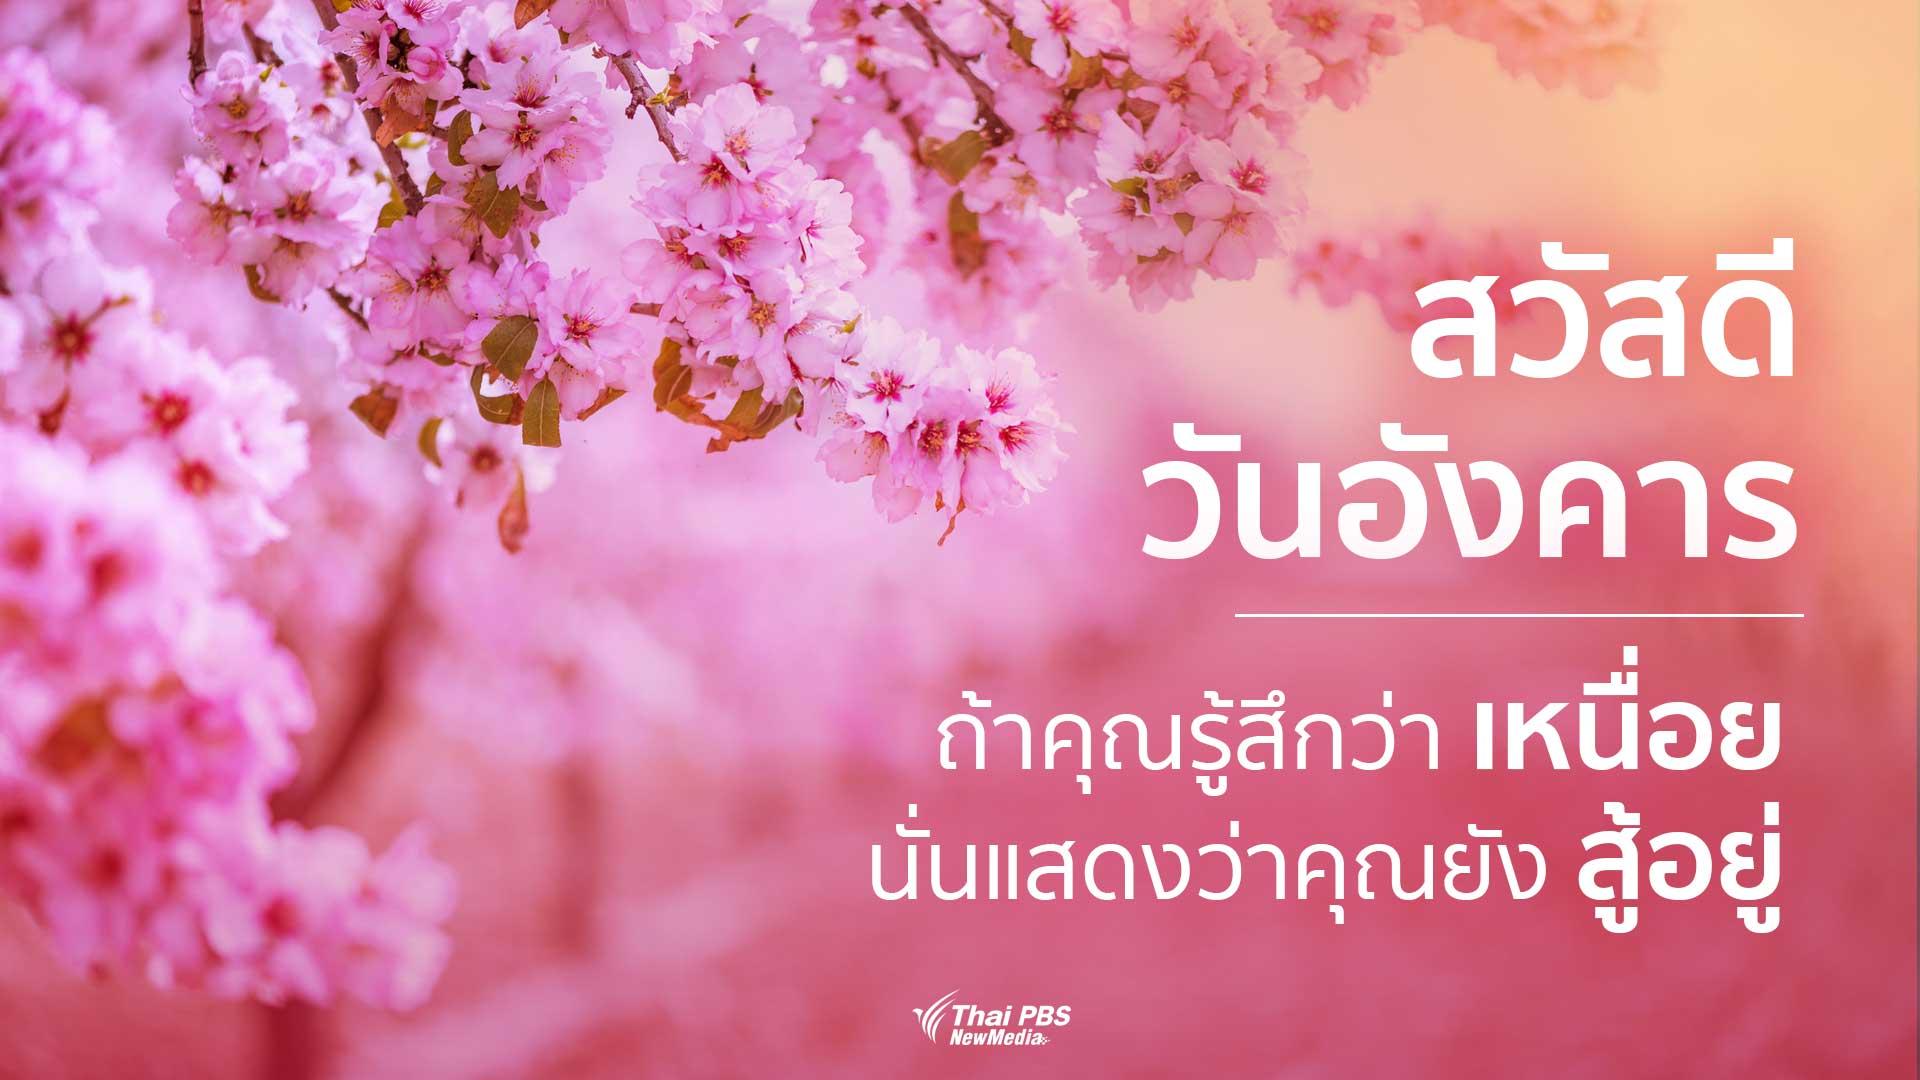 ข้อคิดในการใช้ชีวิต - Thai PBS สวัสดีทุกสีวัน